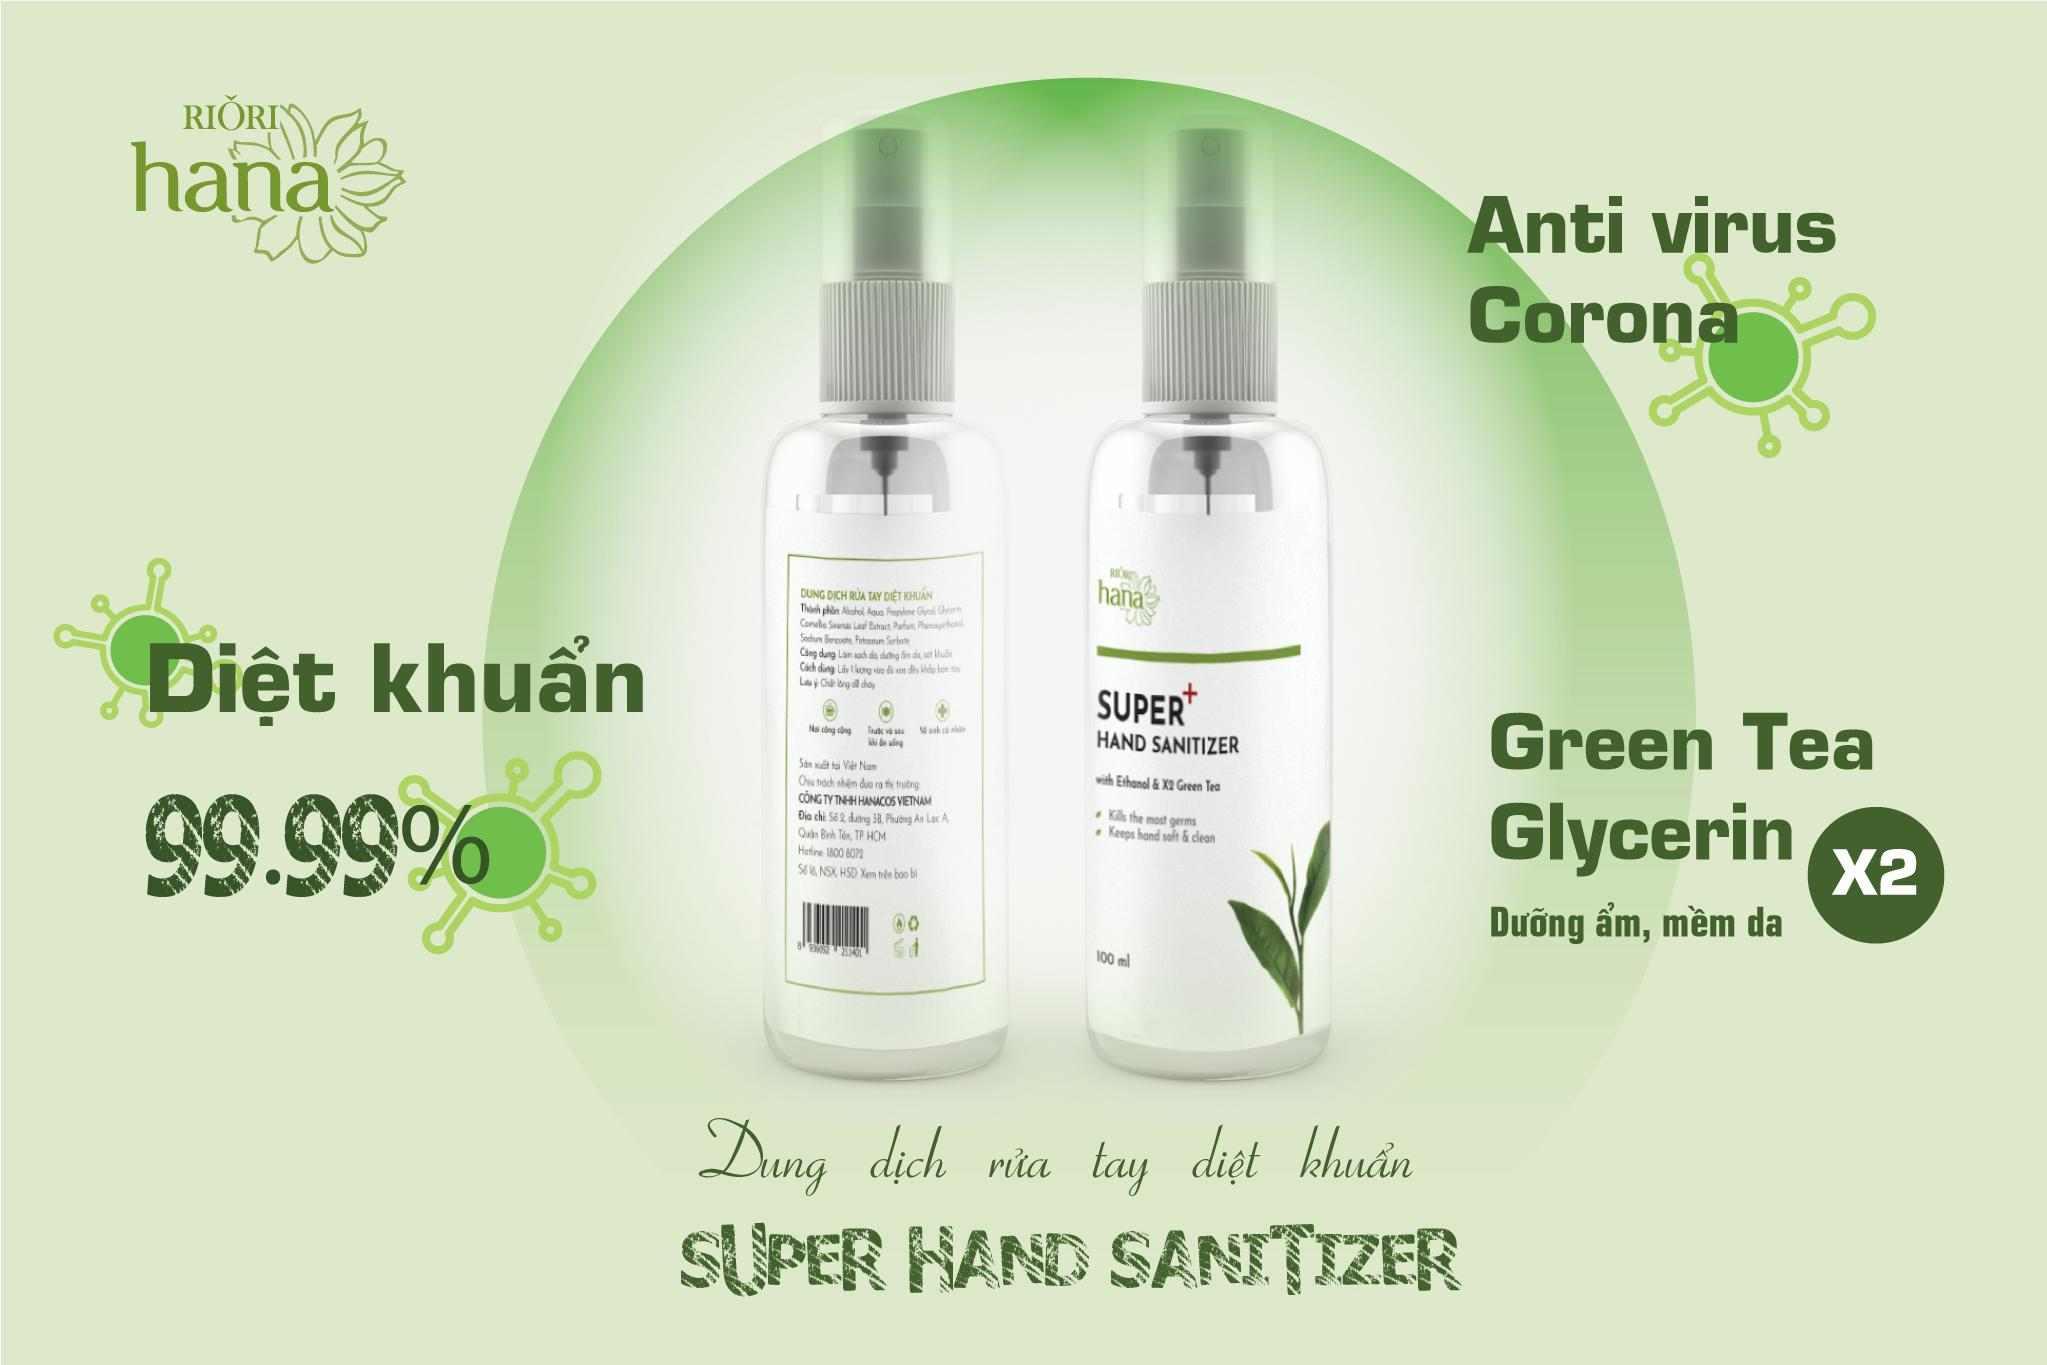 Nước rửa tay diệt khuẩn Super Hand Sanitizer Riori